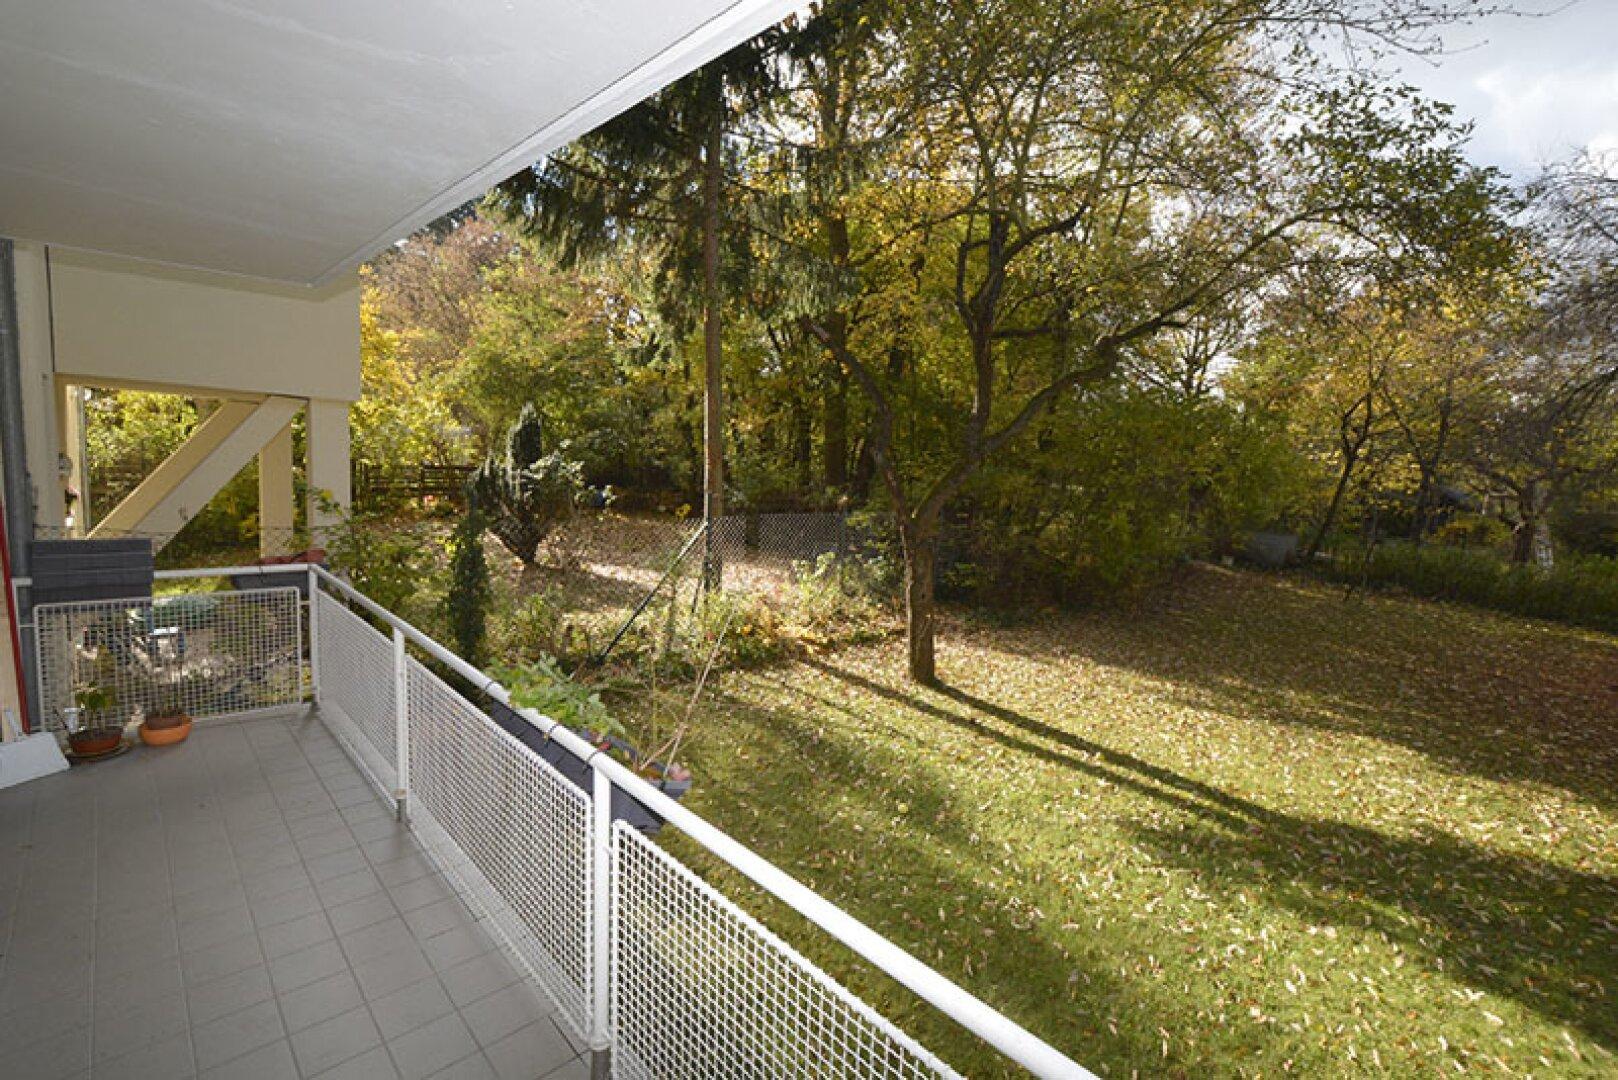 6. Balkon Grünruhela